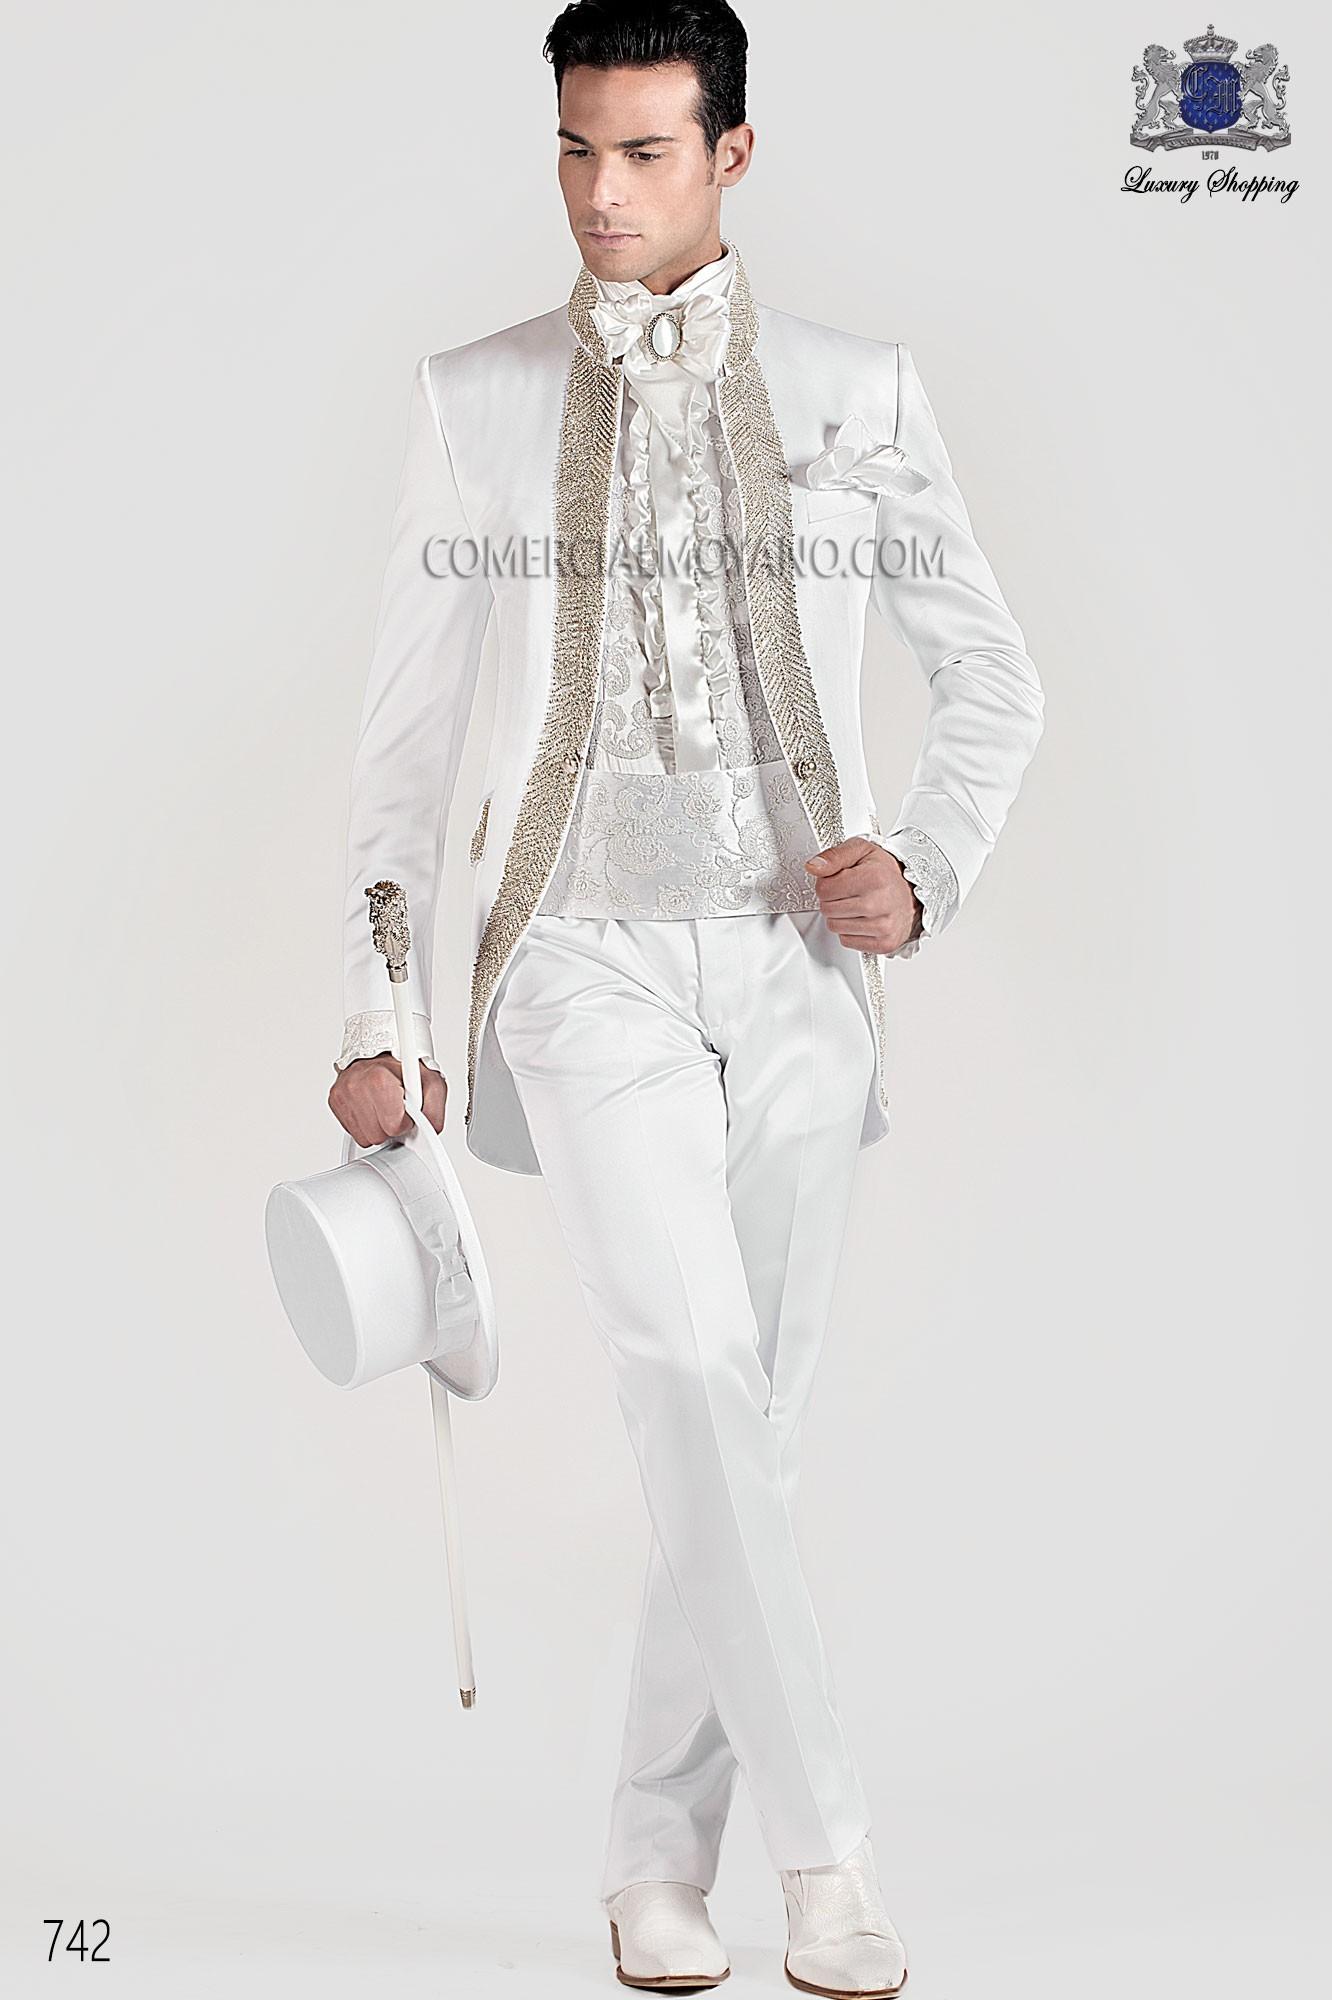 Traje de novio barroco blanco modelo: 742 Ottavio Nuccio Gala colección 2017 Barroco